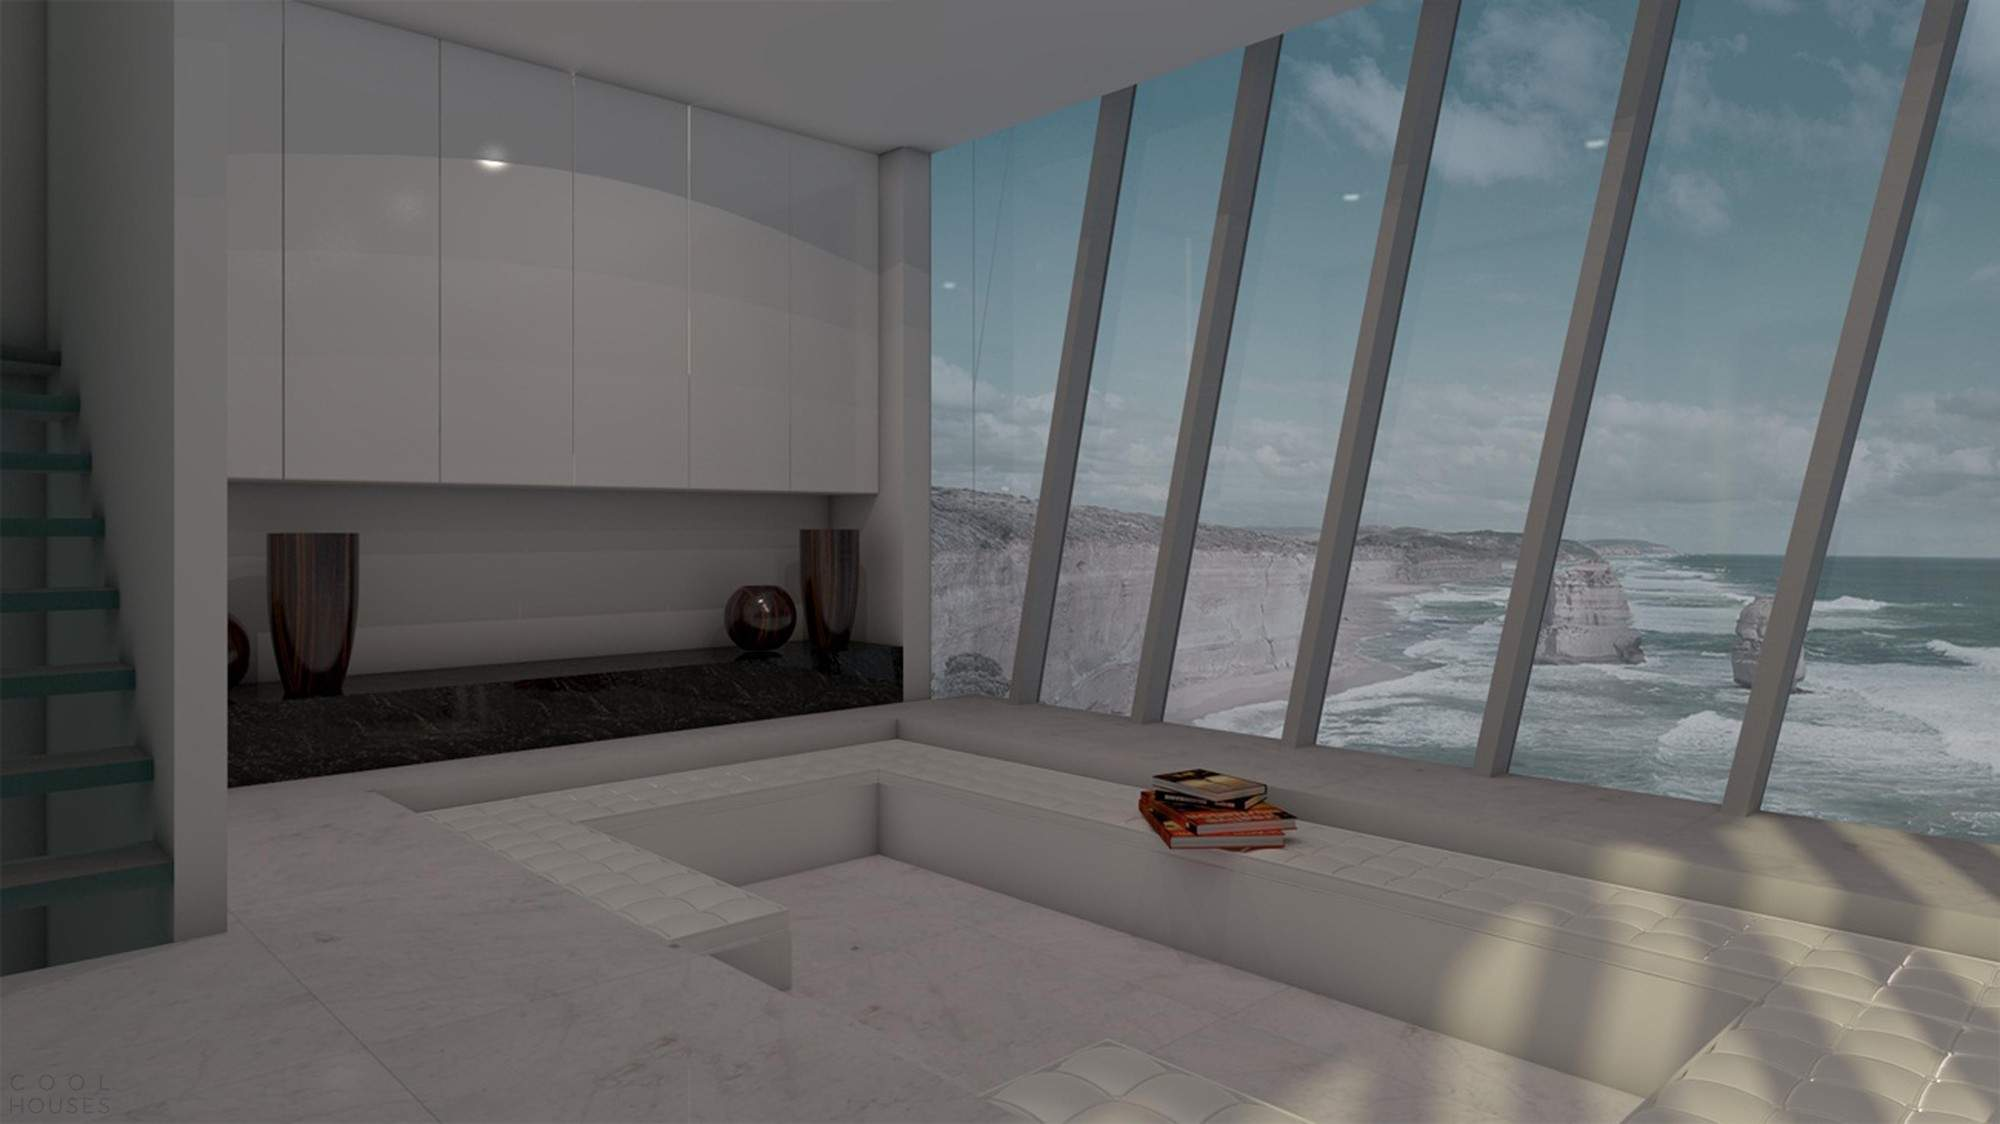 Проект дома в стиле хай-тек на крутой скале в Австралии